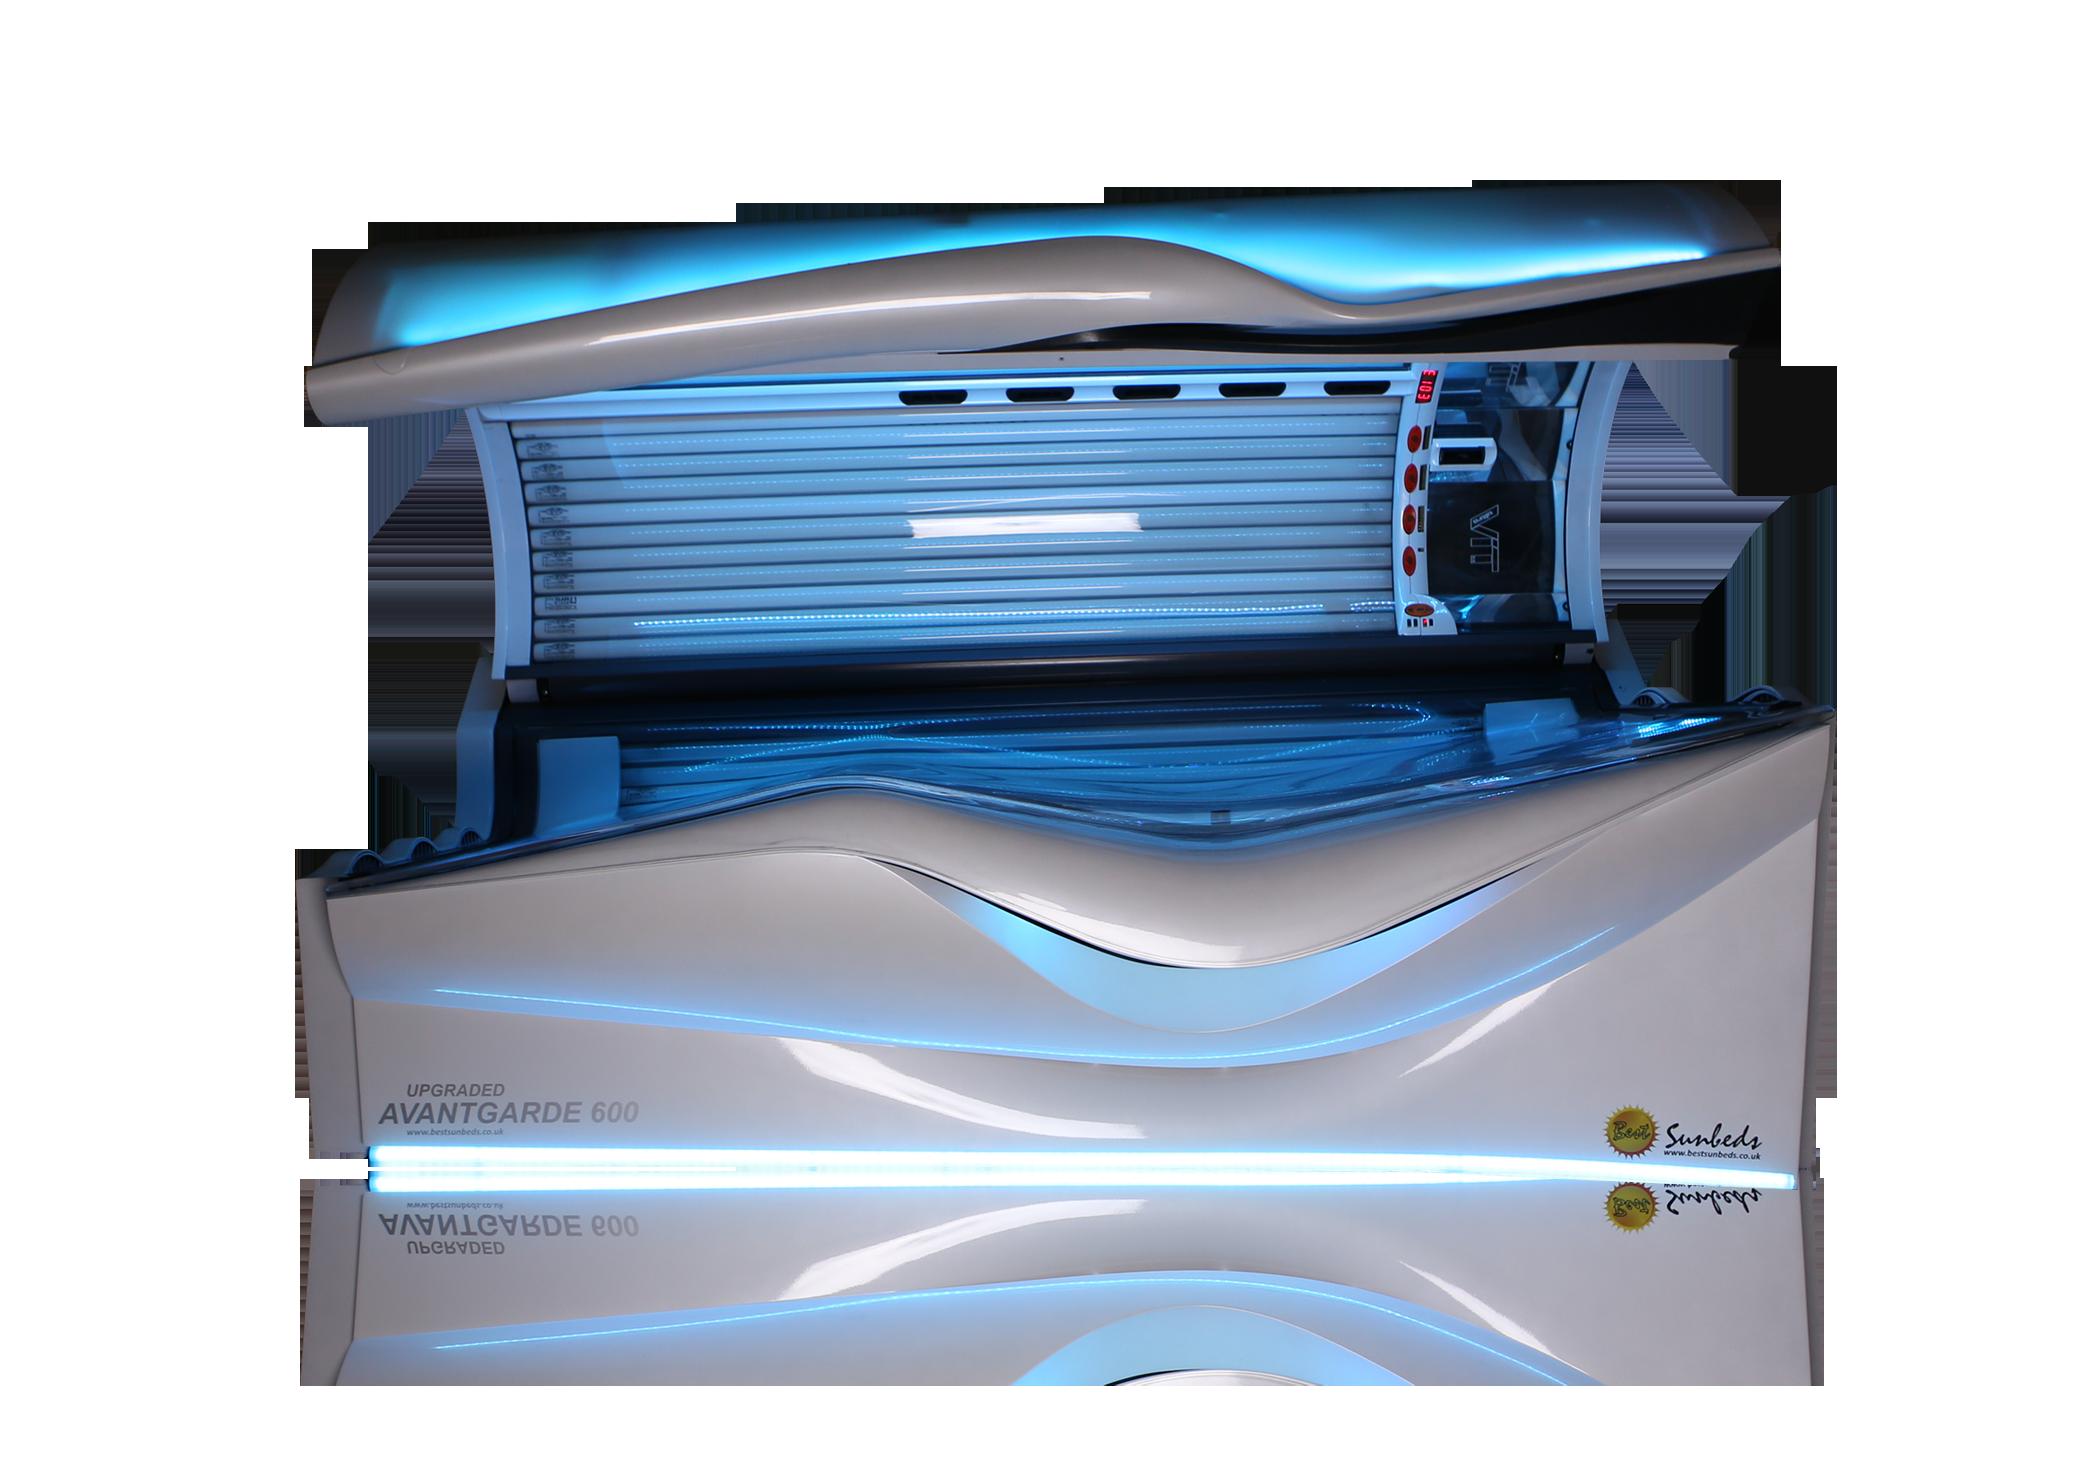 Pearl White Ergoline Avantgarde 600 Solaris Tanning And Beauty